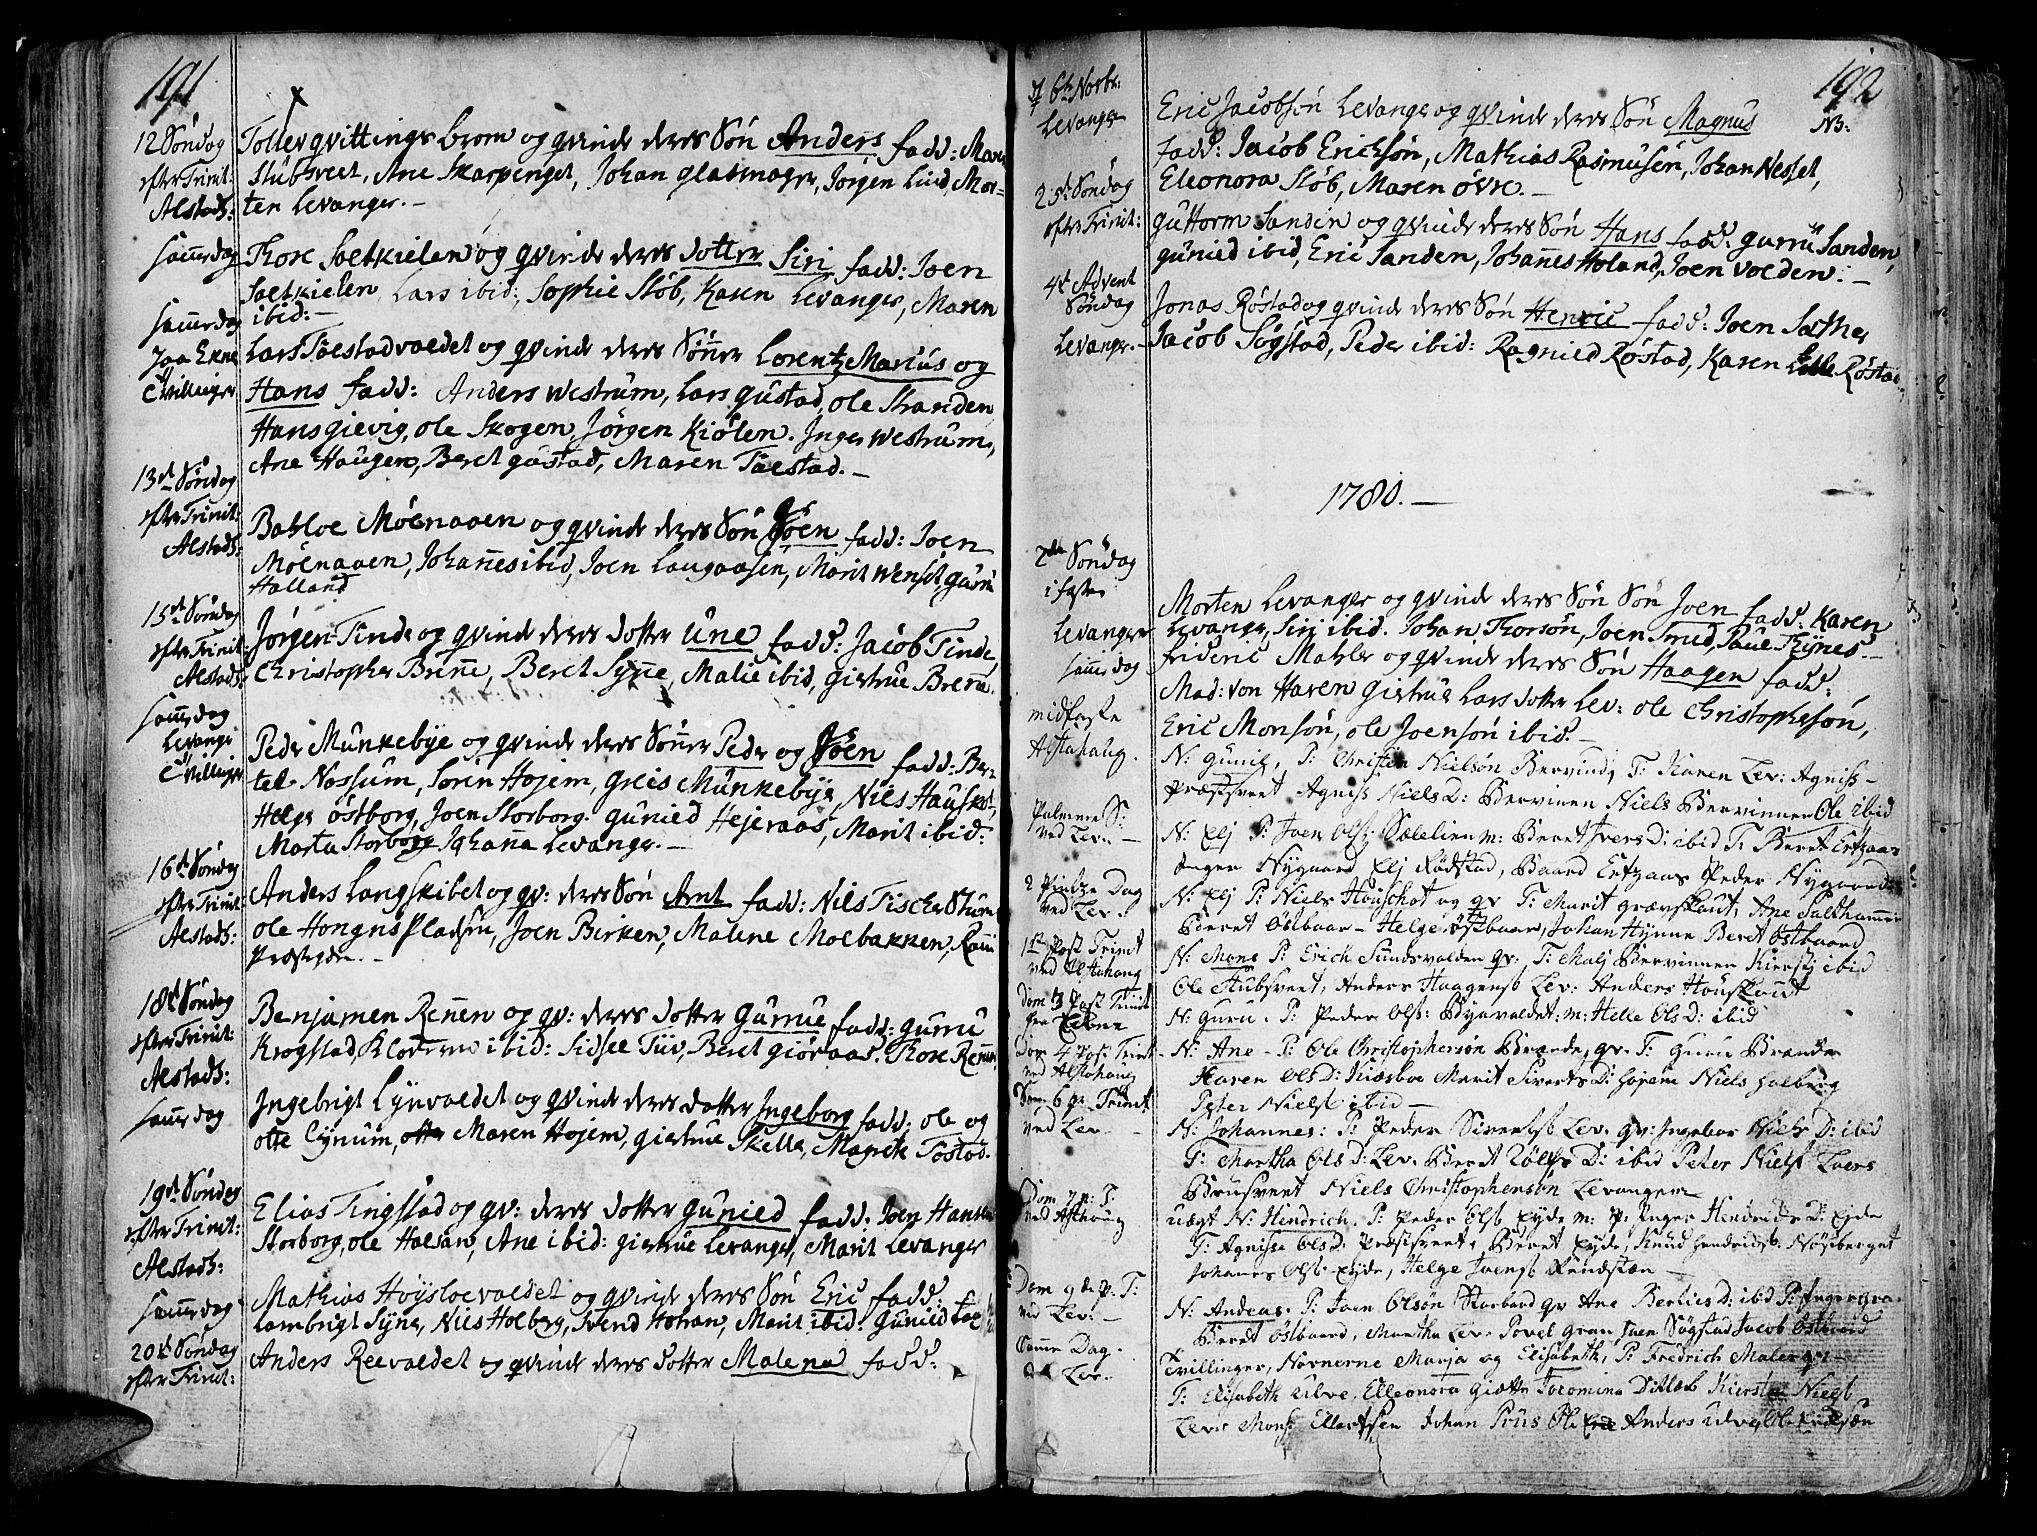 SAT, Ministerialprotokoller, klokkerbøker og fødselsregistre - Nord-Trøndelag, 717/L0141: Parish register (official) no. 717A01, 1747-1803, p. 191-192